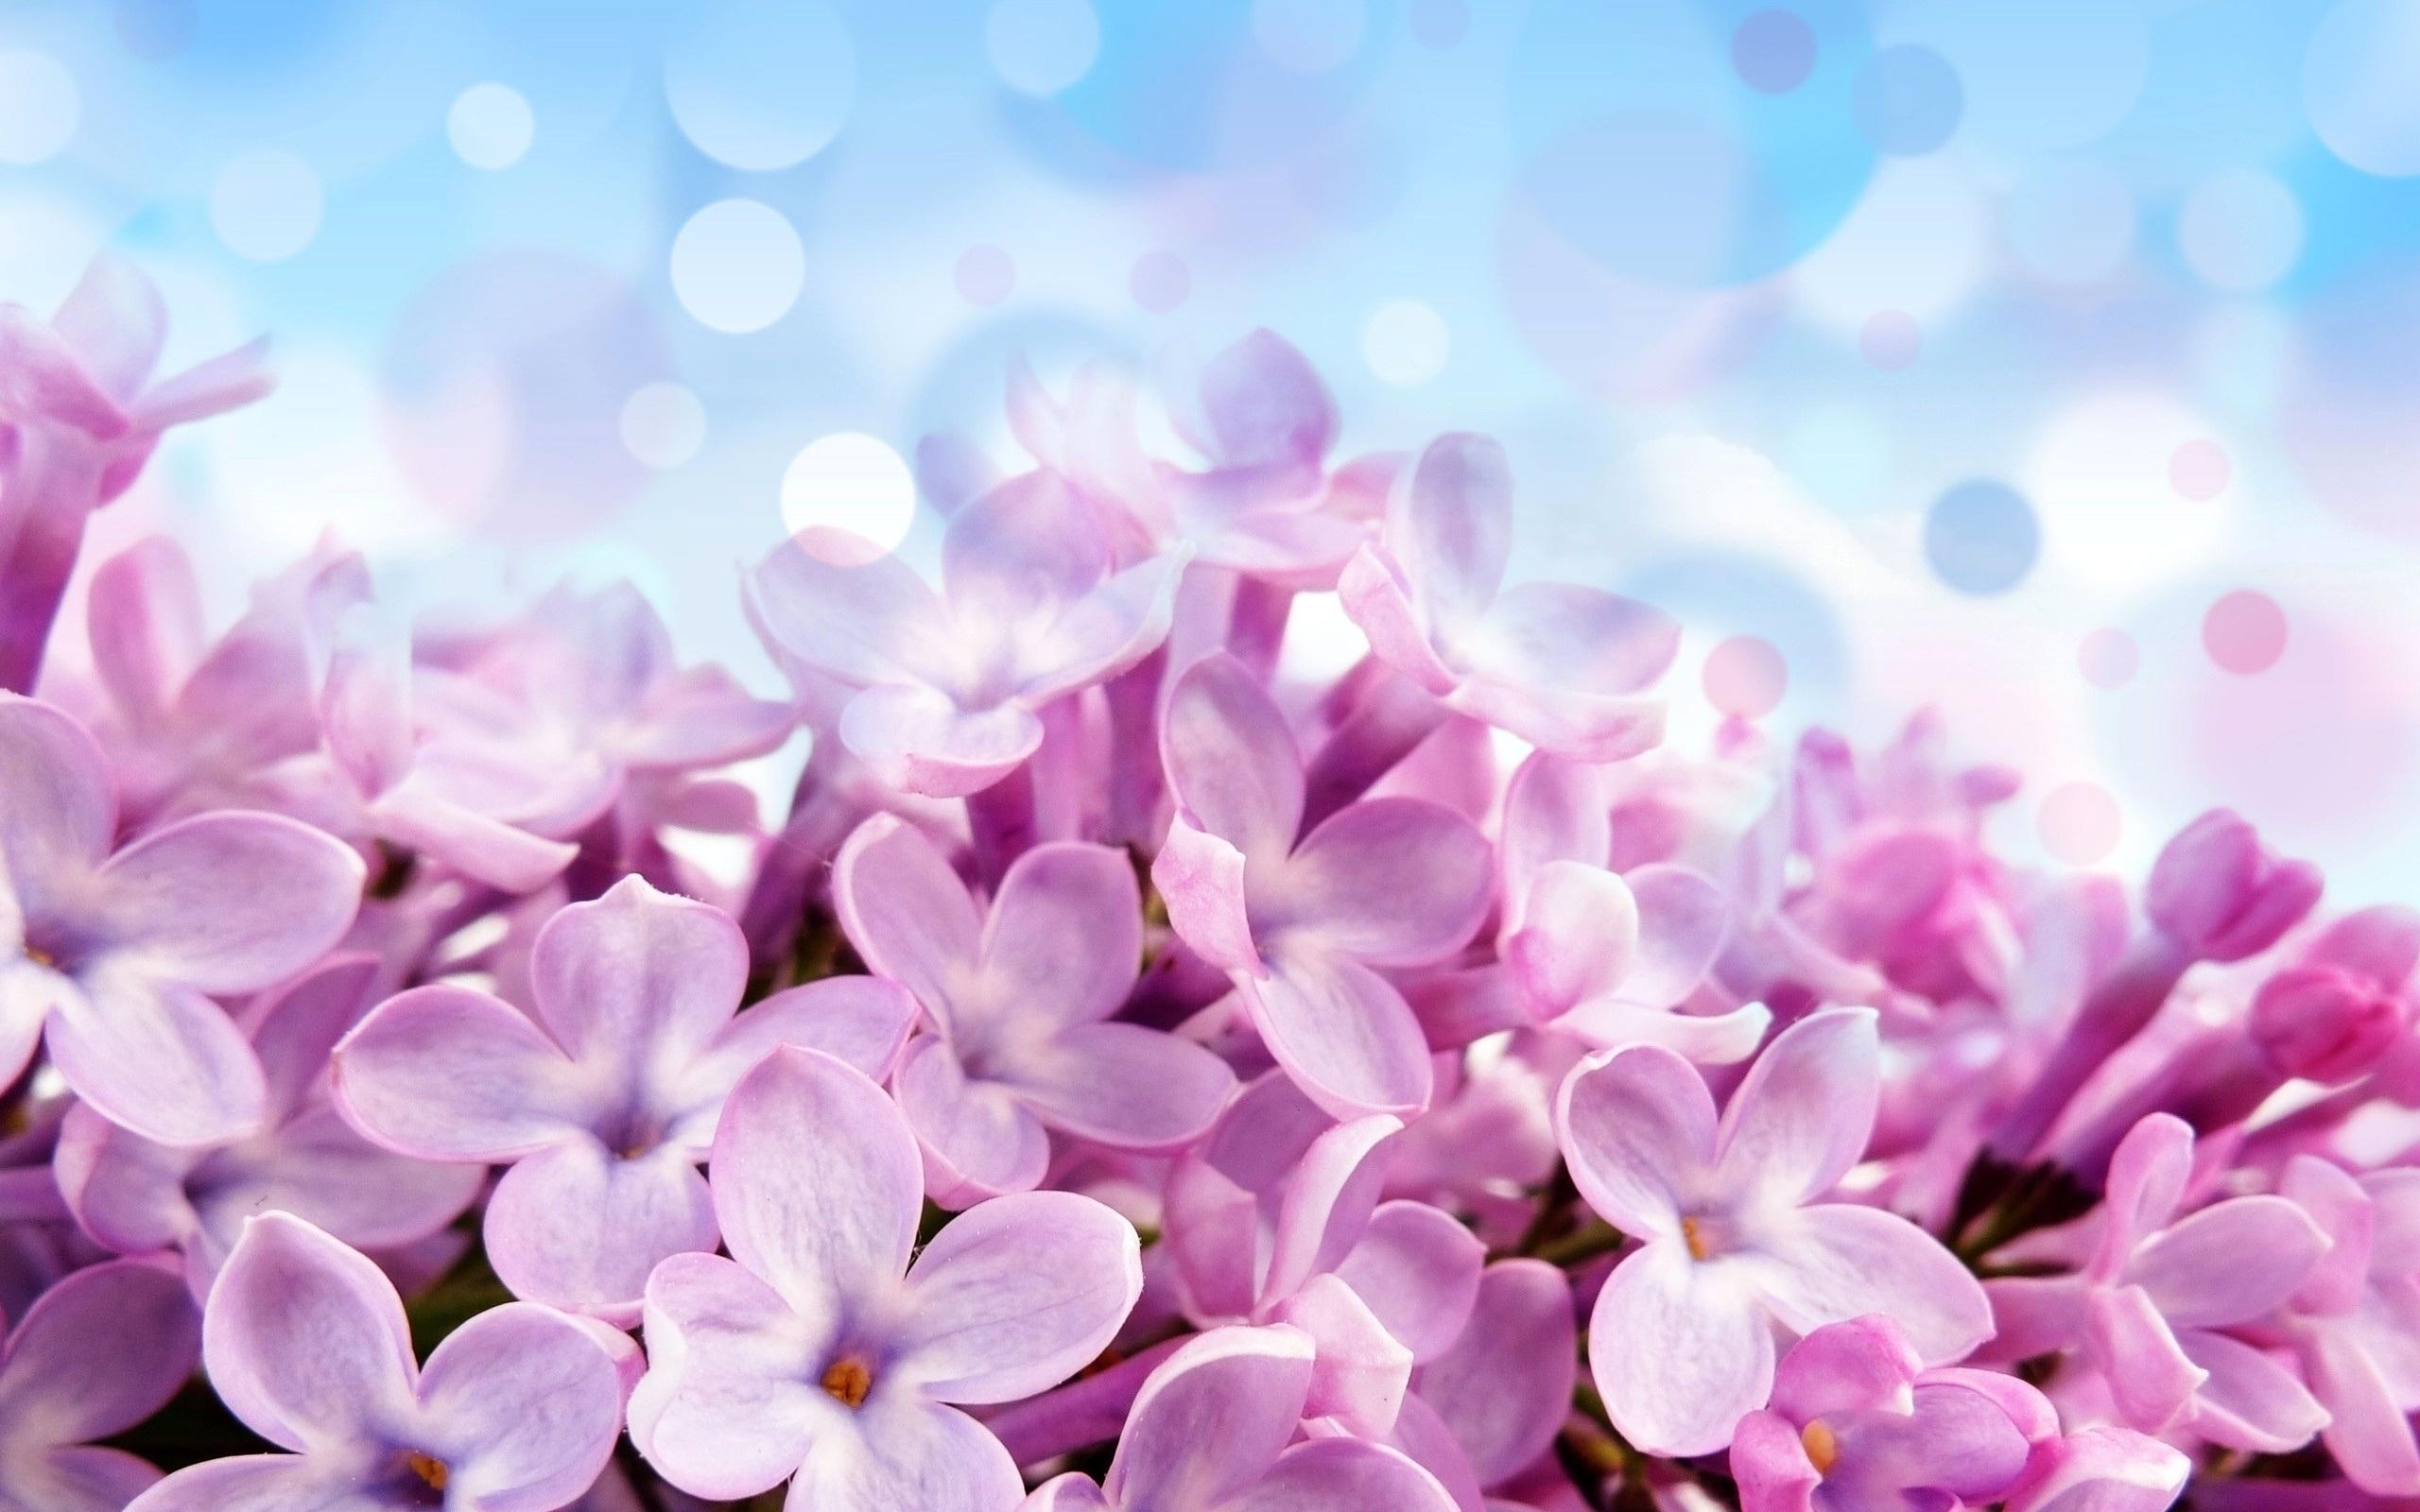 Фото фоны цветы